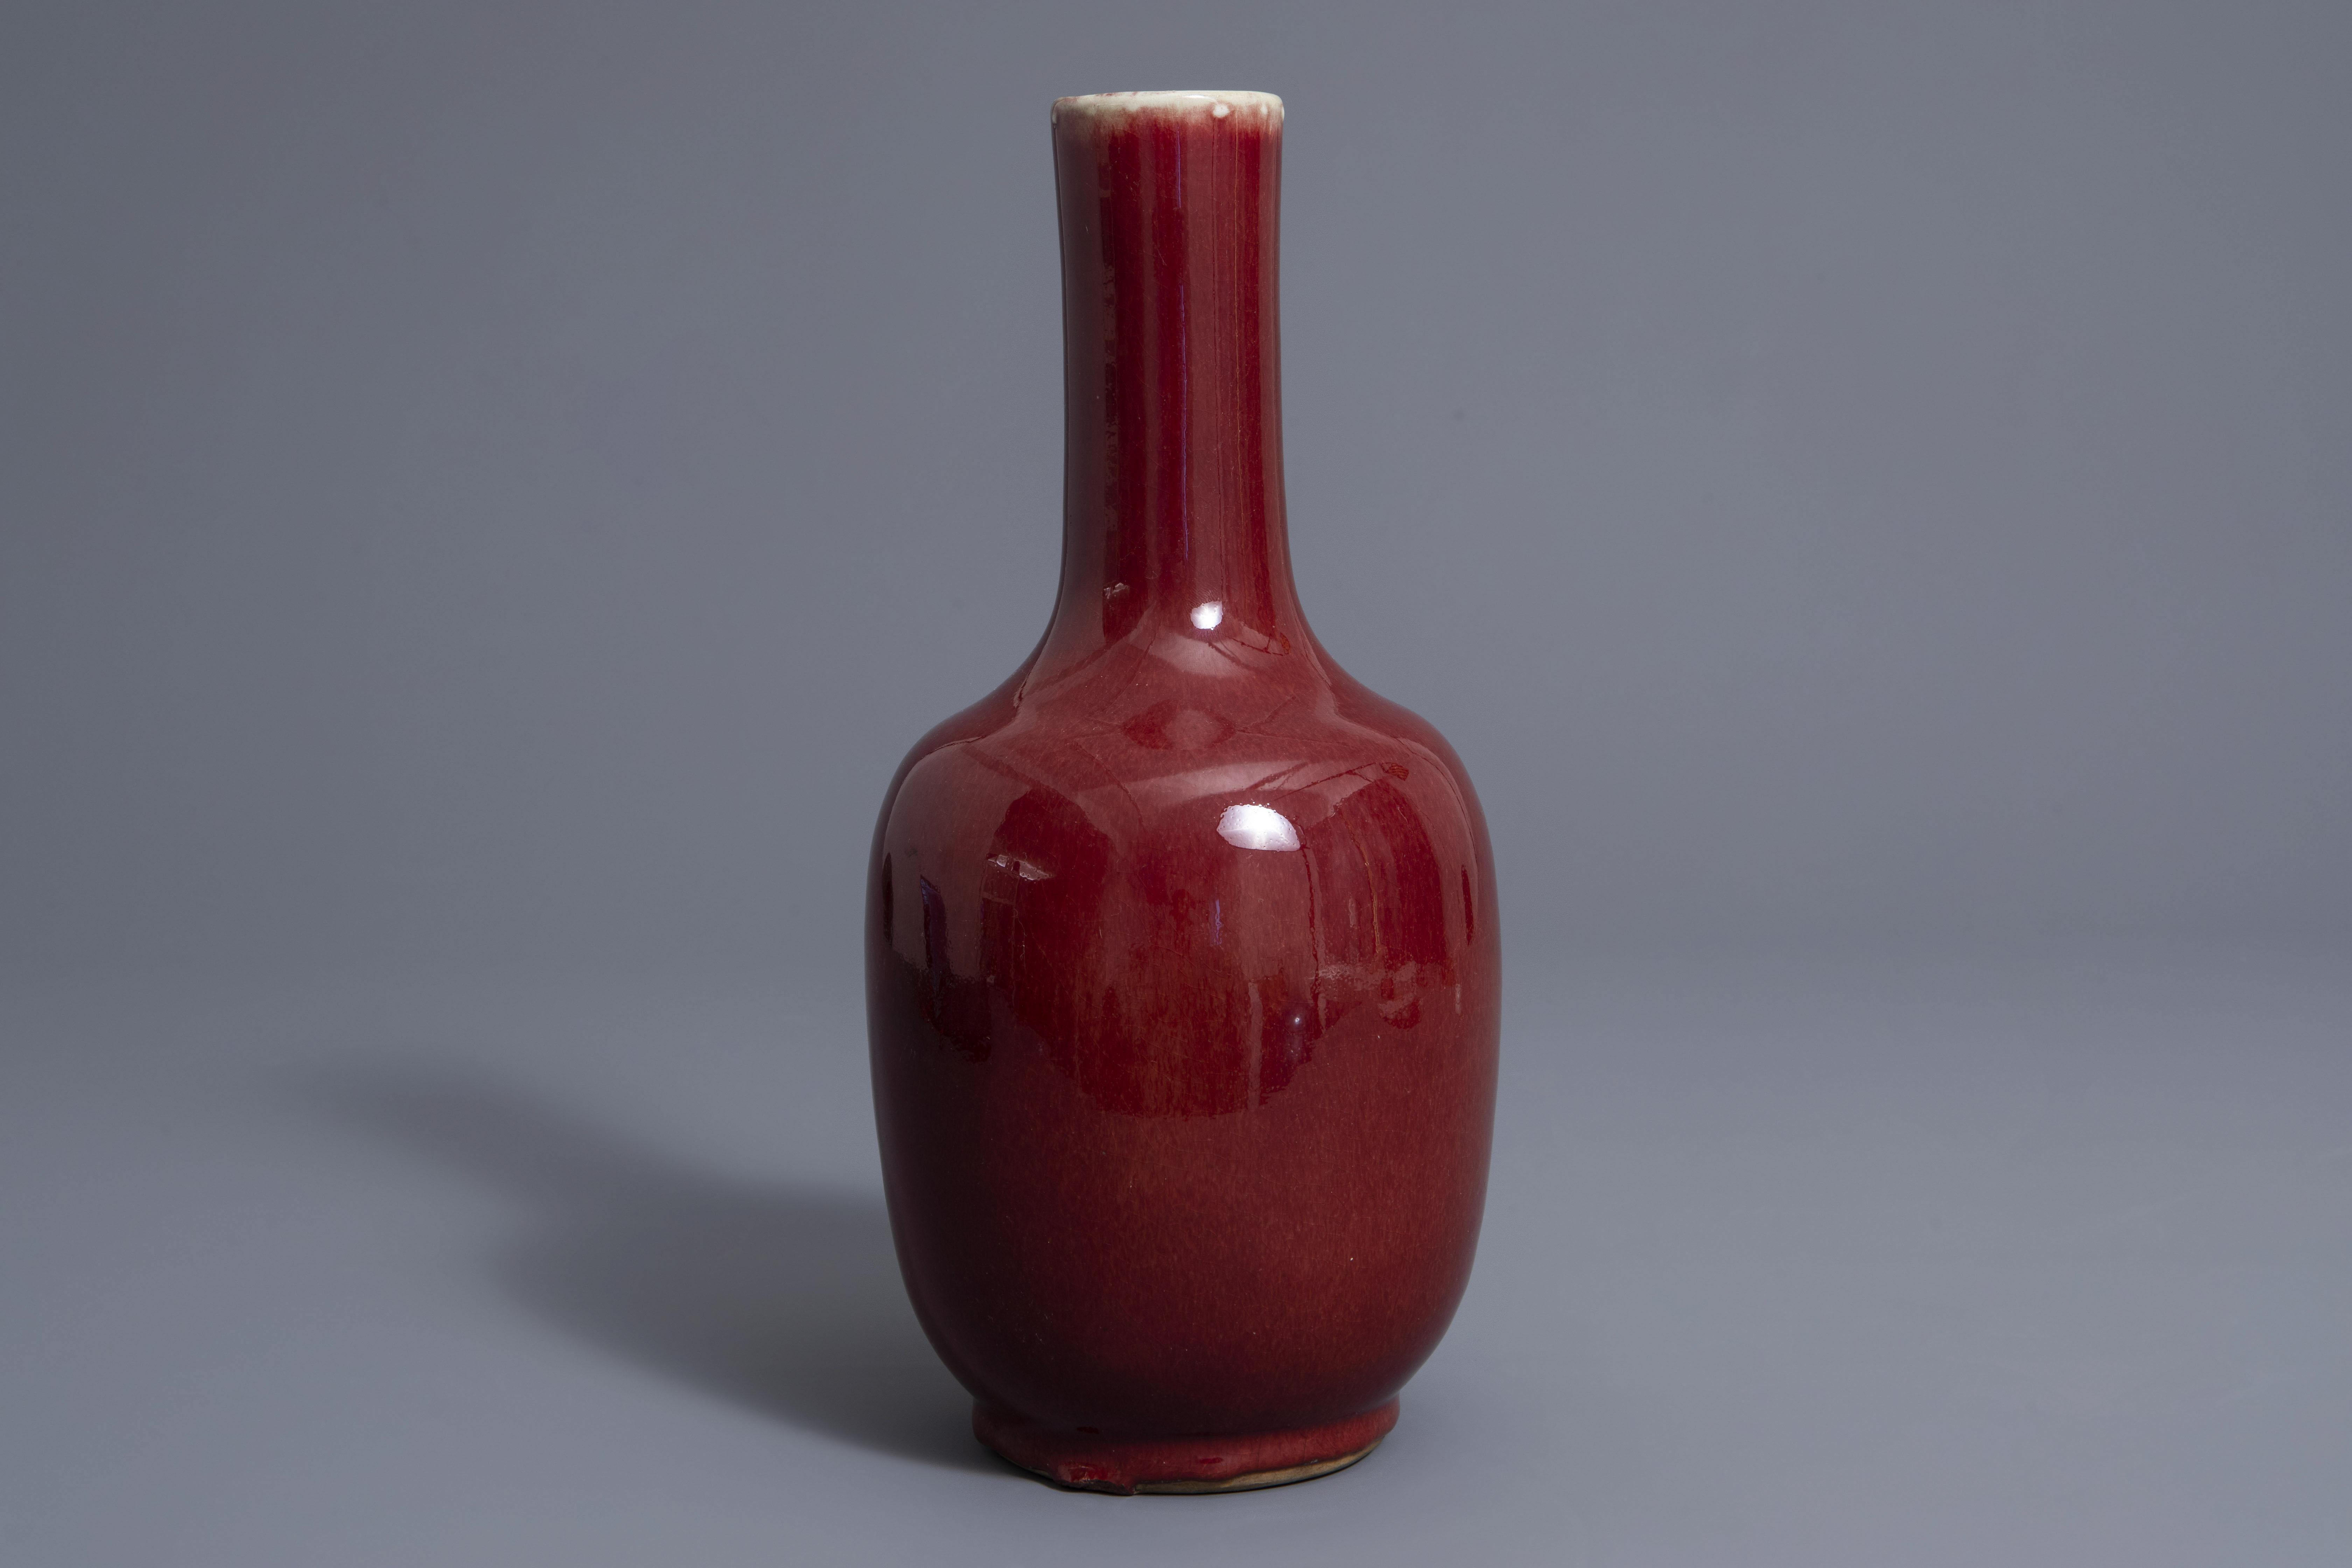 A Chinese sang de boeuf glazed bottle vase, Kangxi mark, 19th C. - Image 2 of 7